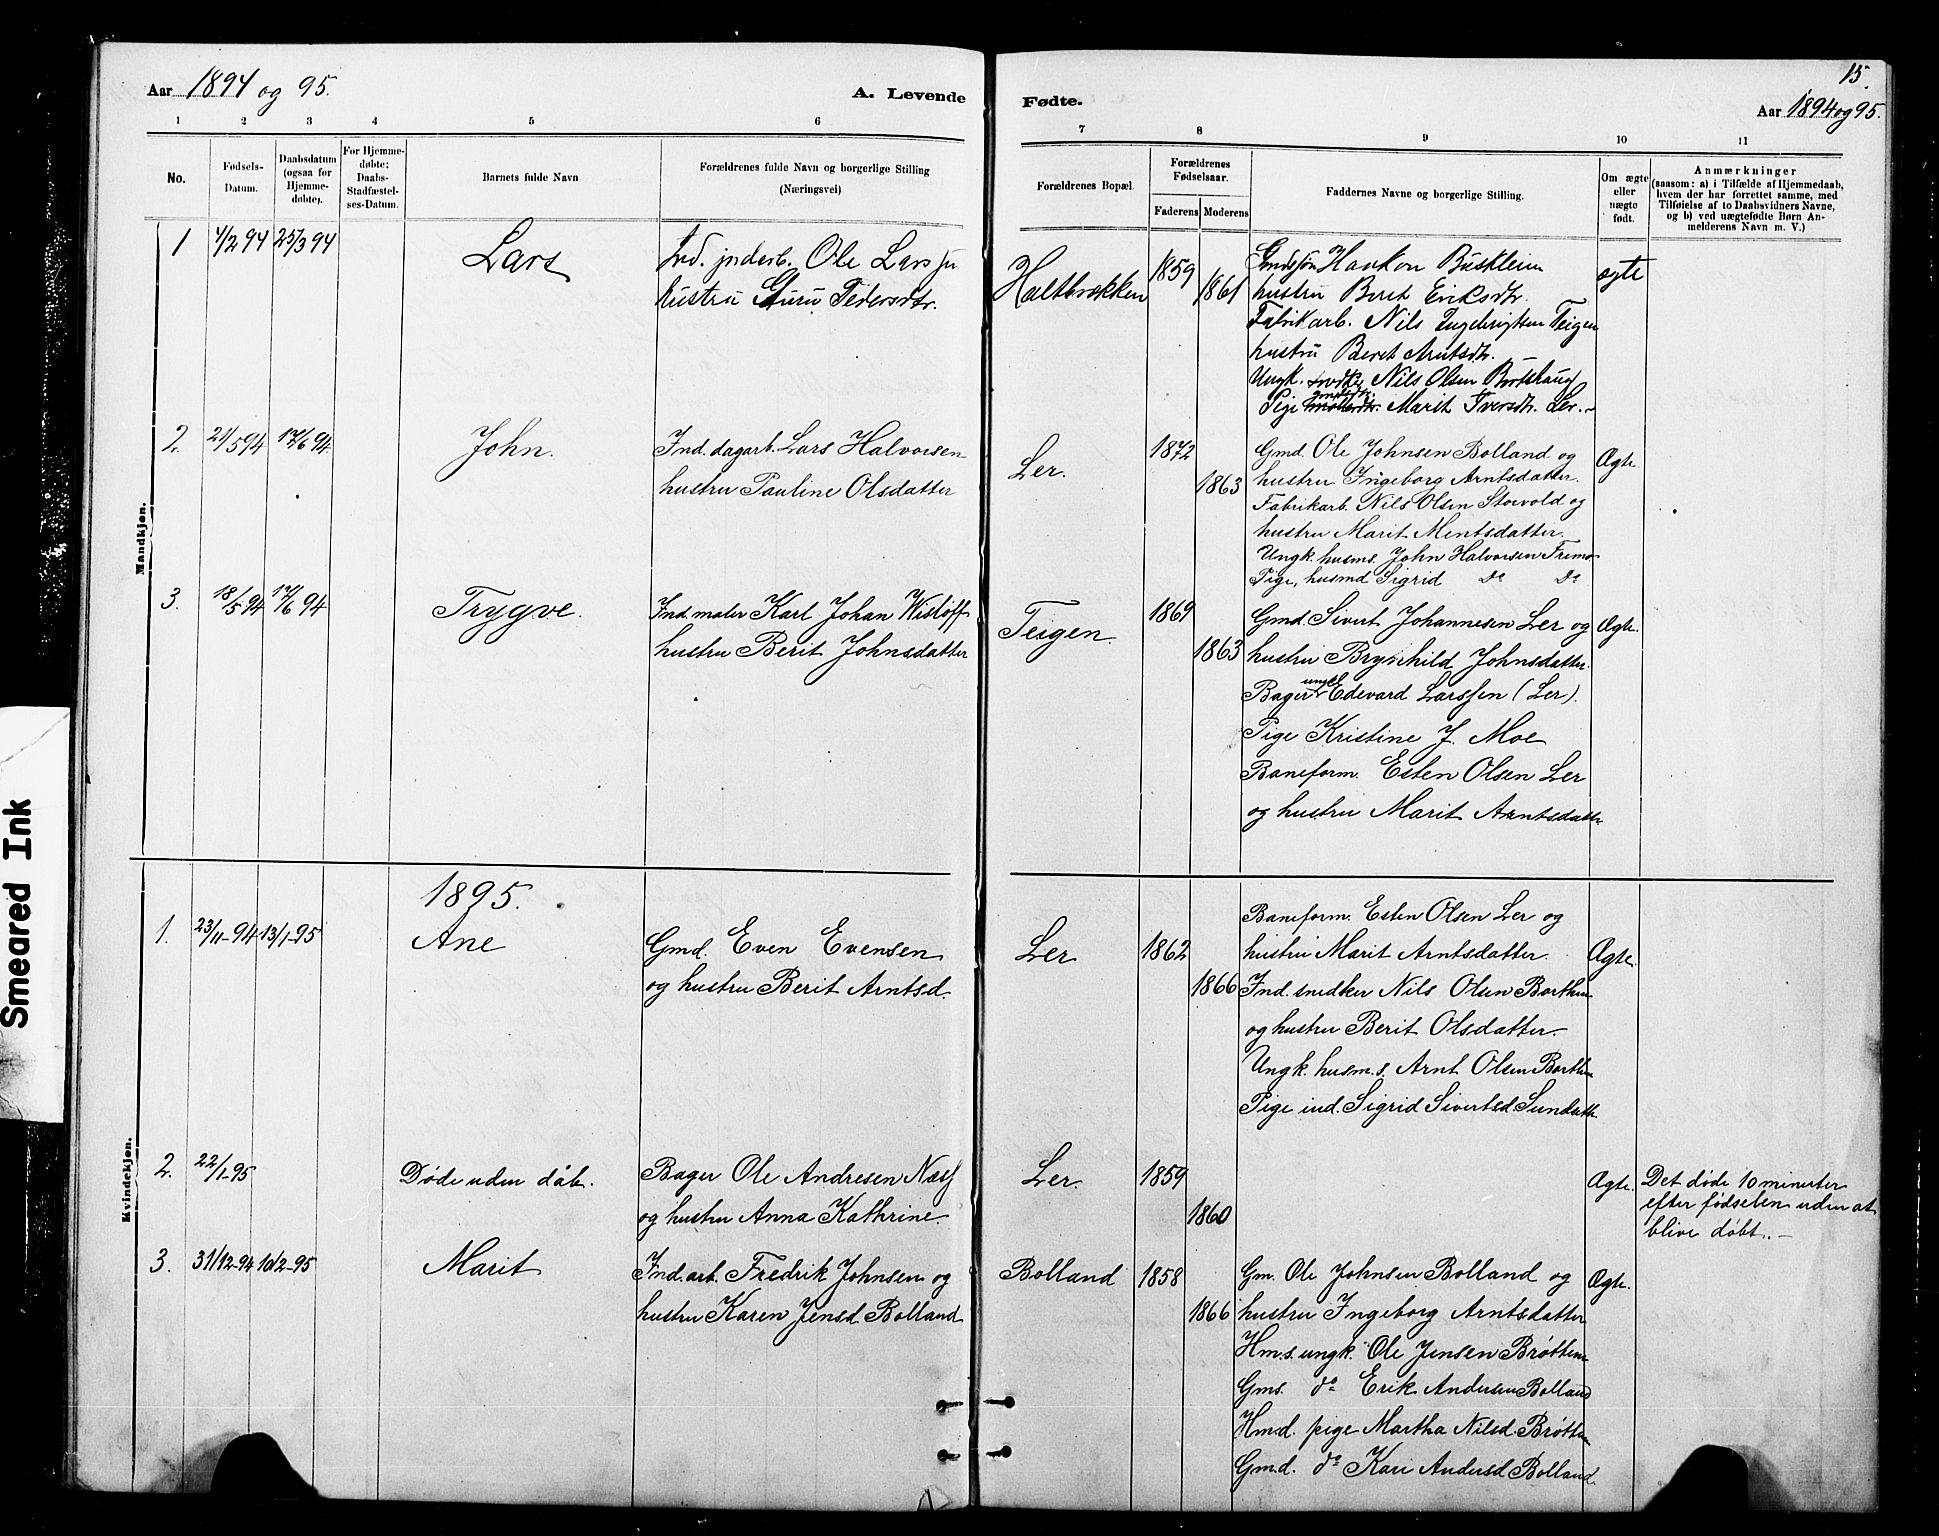 SAT, Ministerialprotokoller, klokkerbøker og fødselsregistre - Sør-Trøndelag, 693/L1123: Klokkerbok nr. 693C04, 1887-1910, s. 15